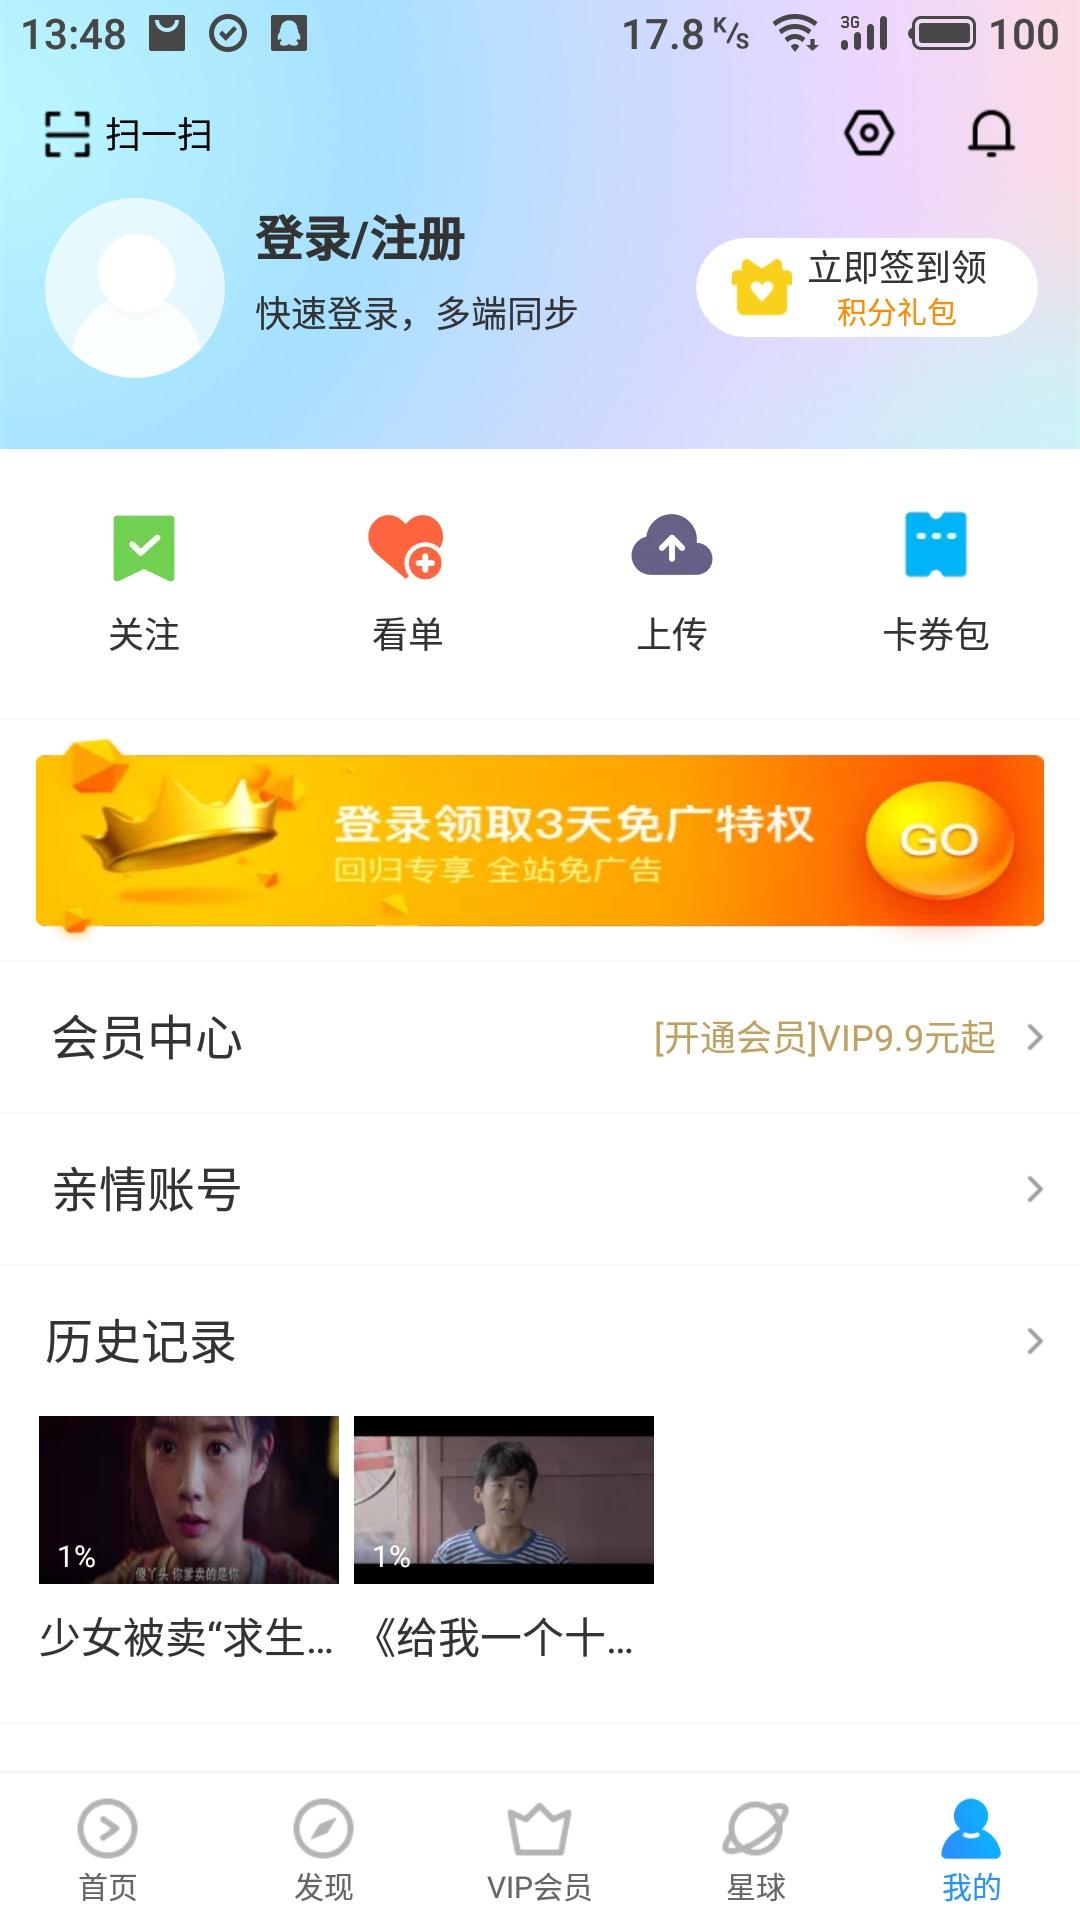 优酷视频 v7.4.0 Play商店版官方无广告纯净版